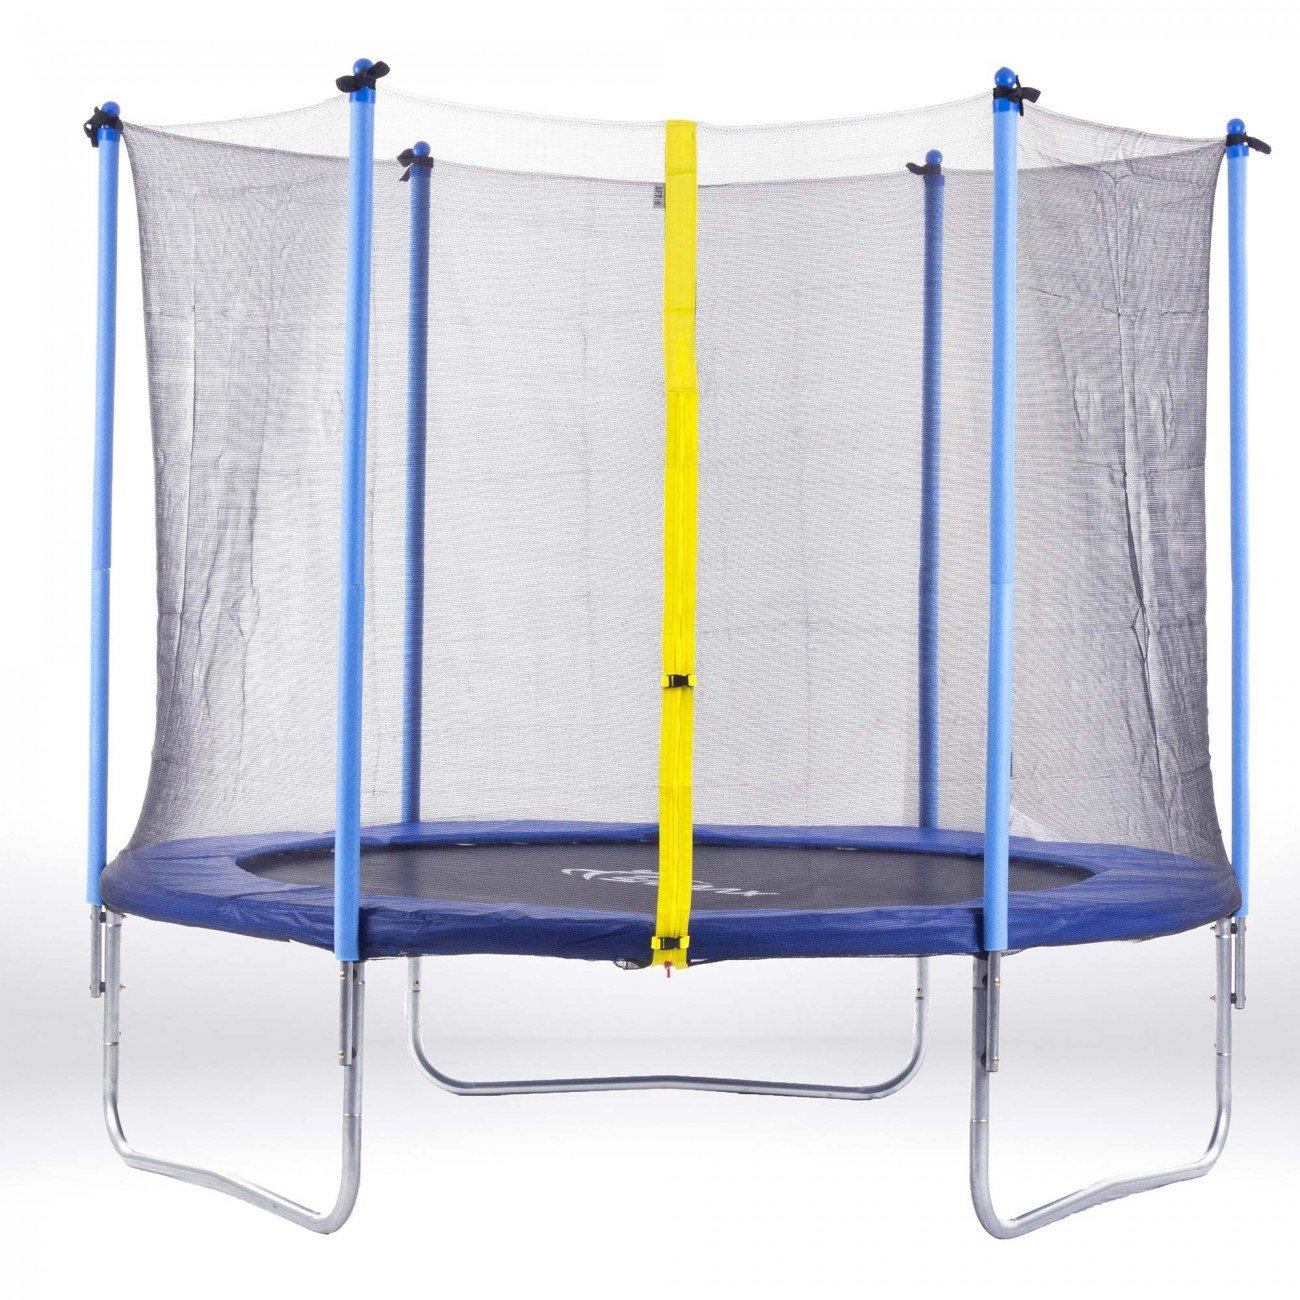 SAMAX Trampolin Gartentrampolin 3,05m (10 ft) Sicherheitsnetz blau jetzt bestellen